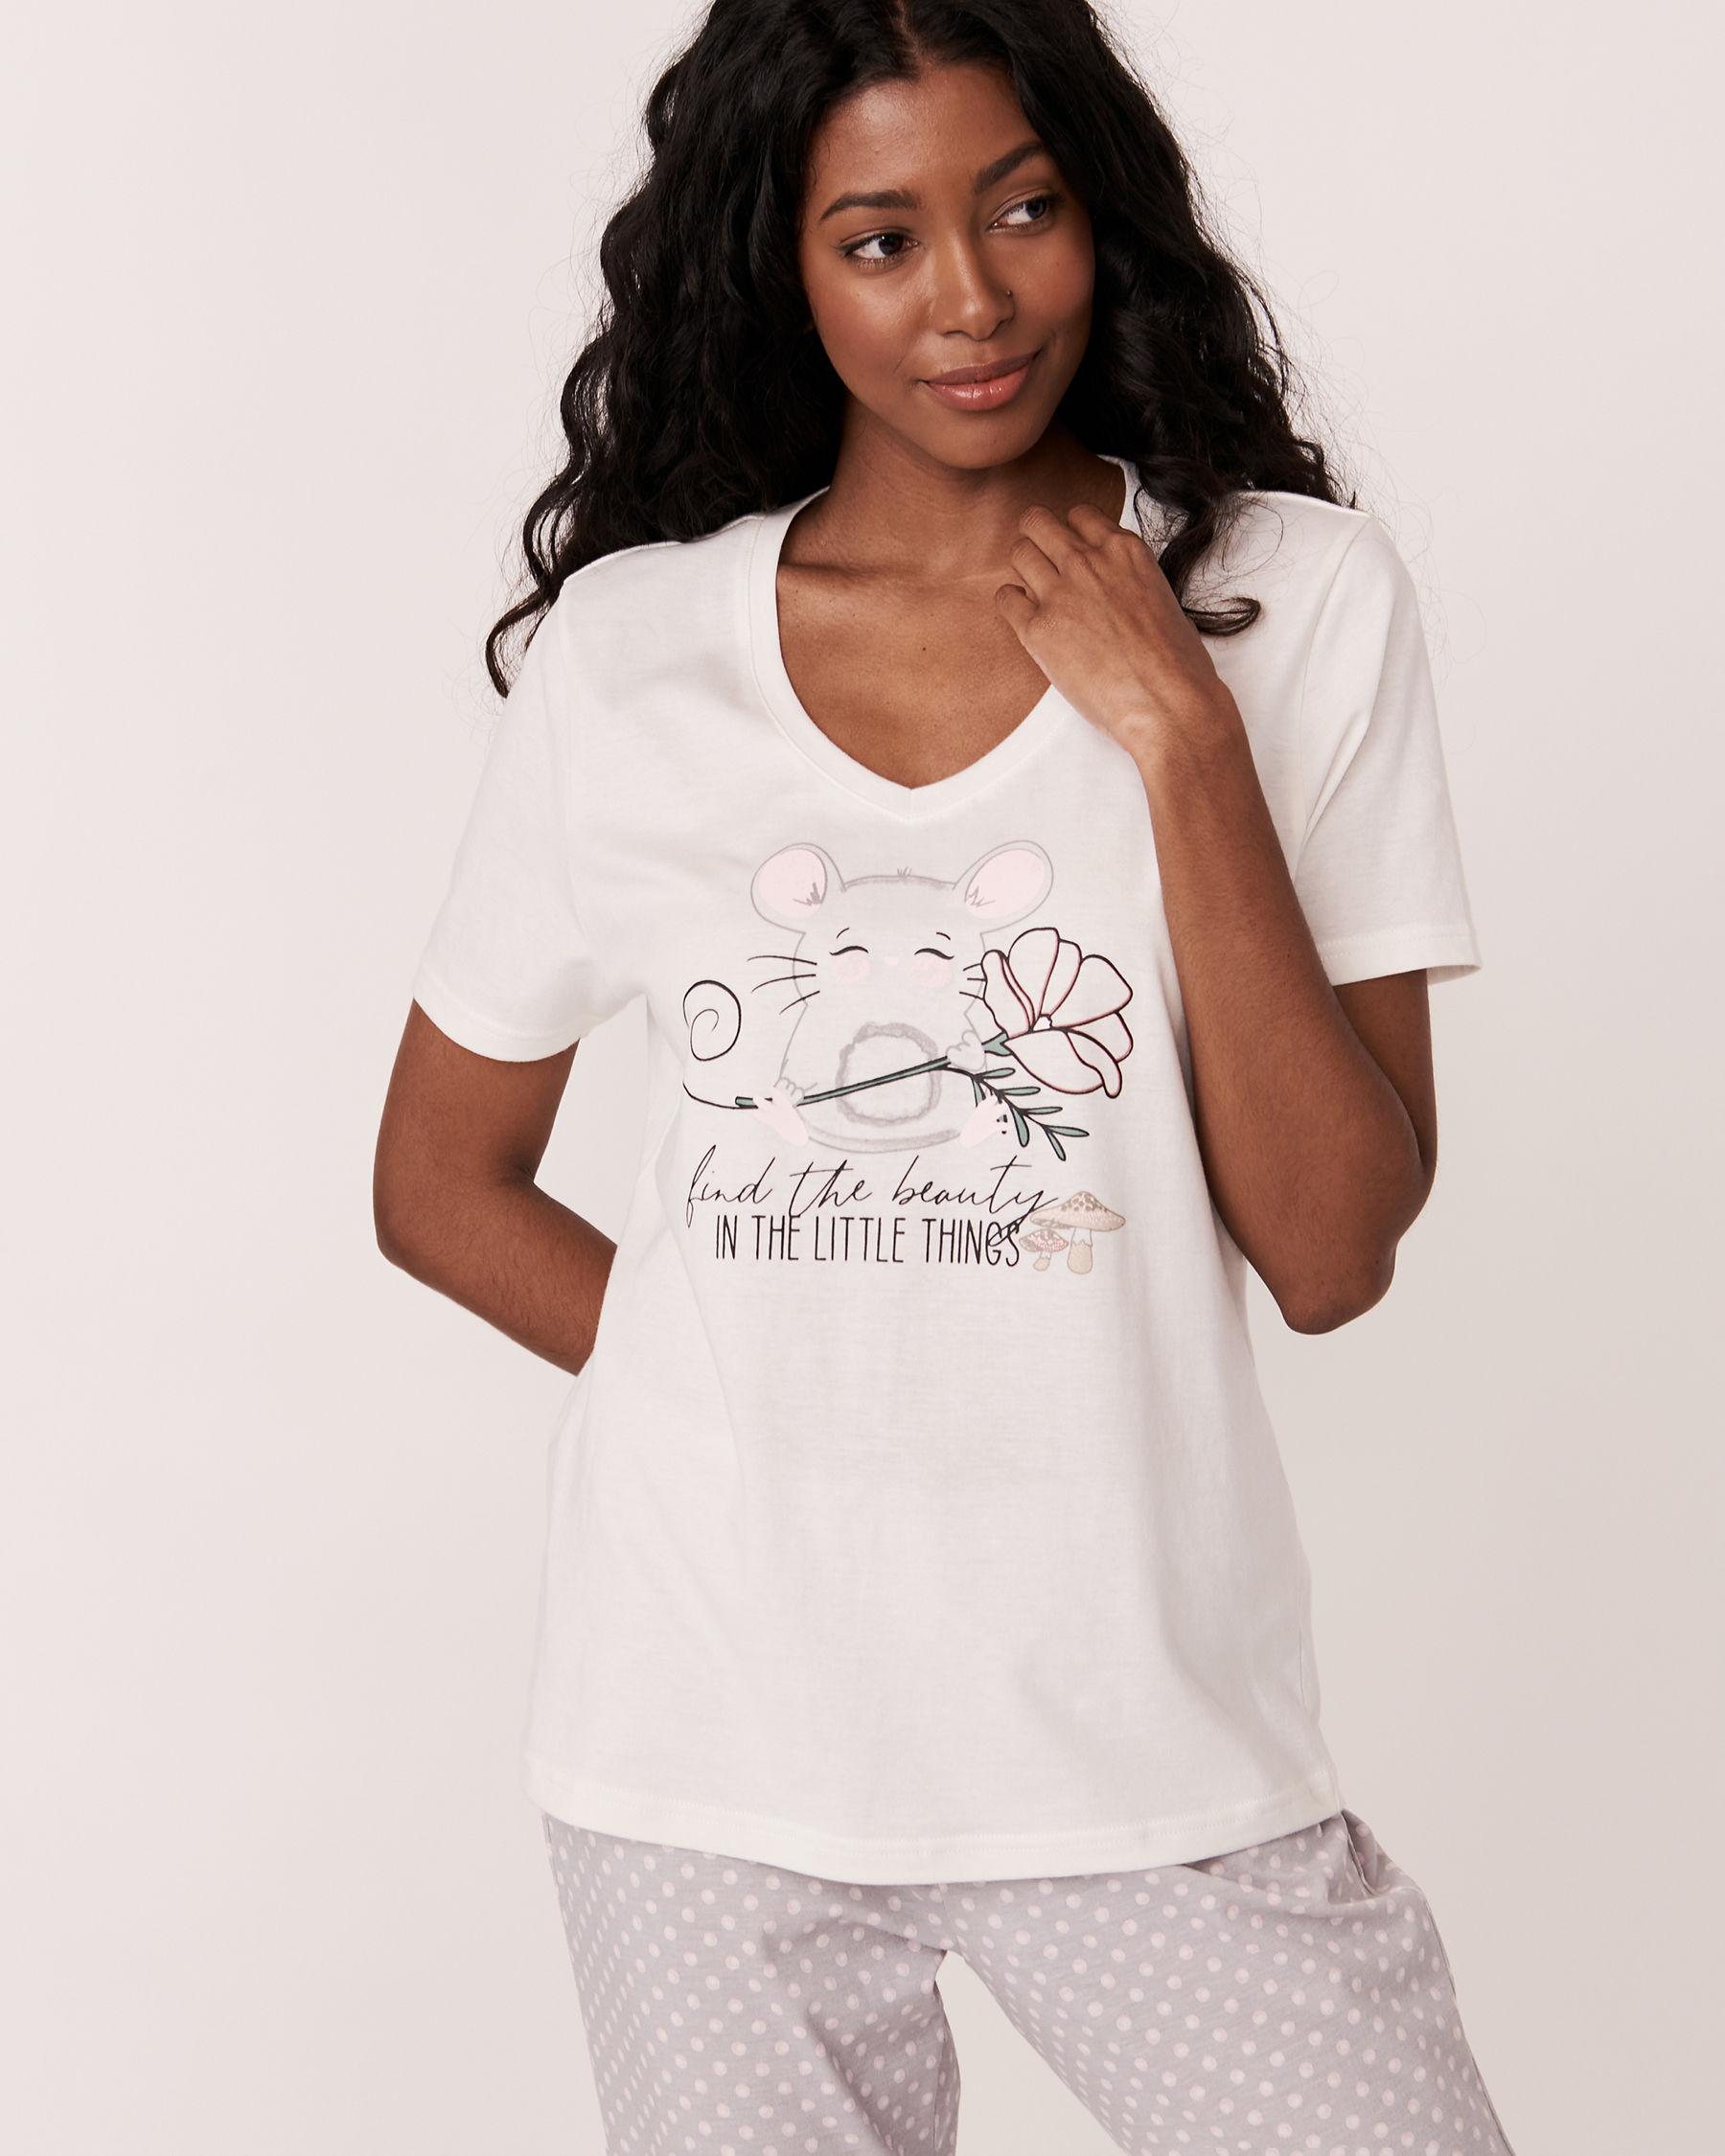 LA VIE EN ROSE Chandail manches courtes encolure en V Blanc 40100123 - Voir1